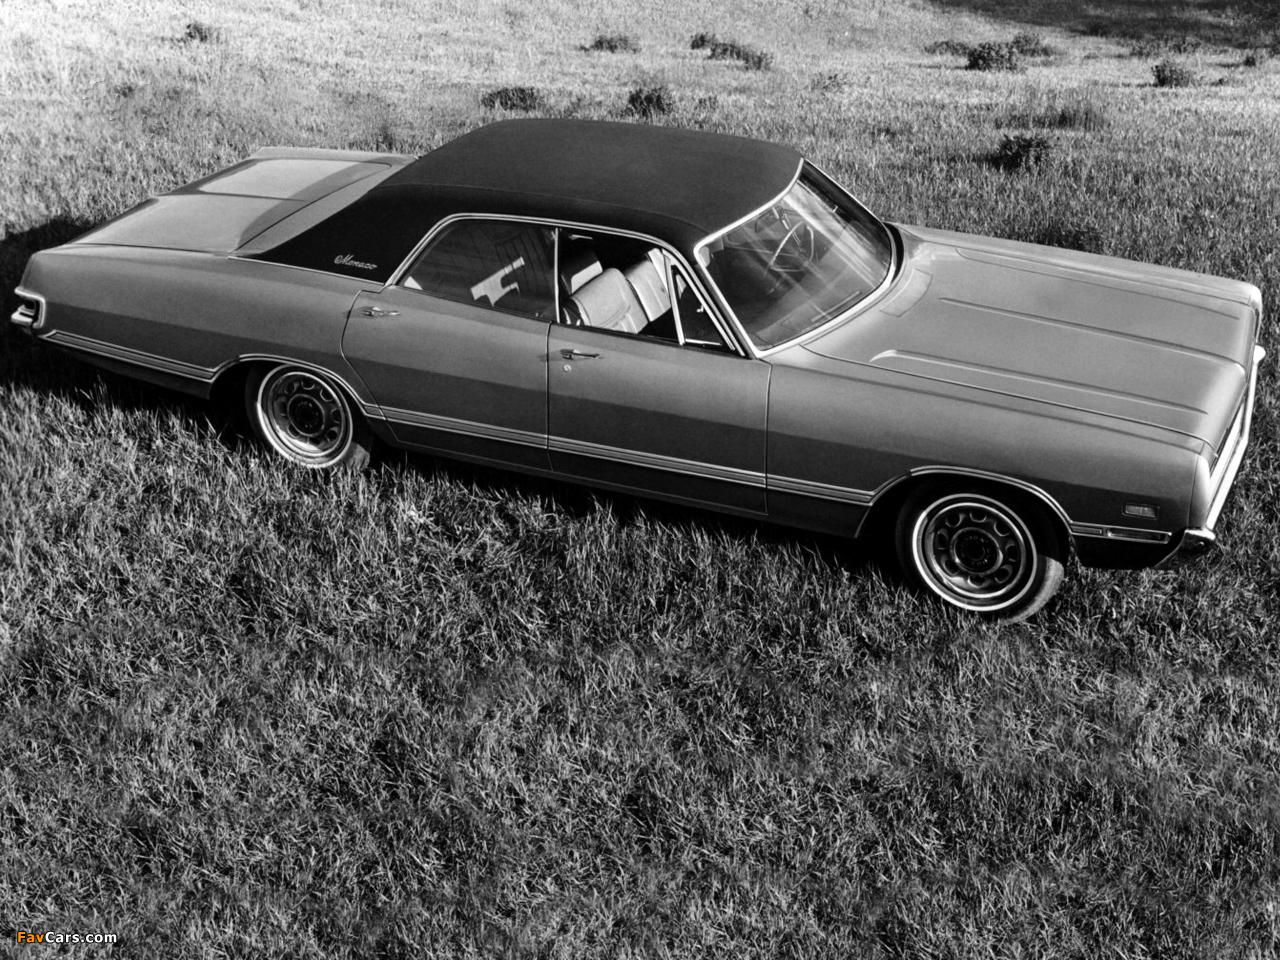 Dodge Monaco 4-door Hardtop 1969 images (1280 x 960)